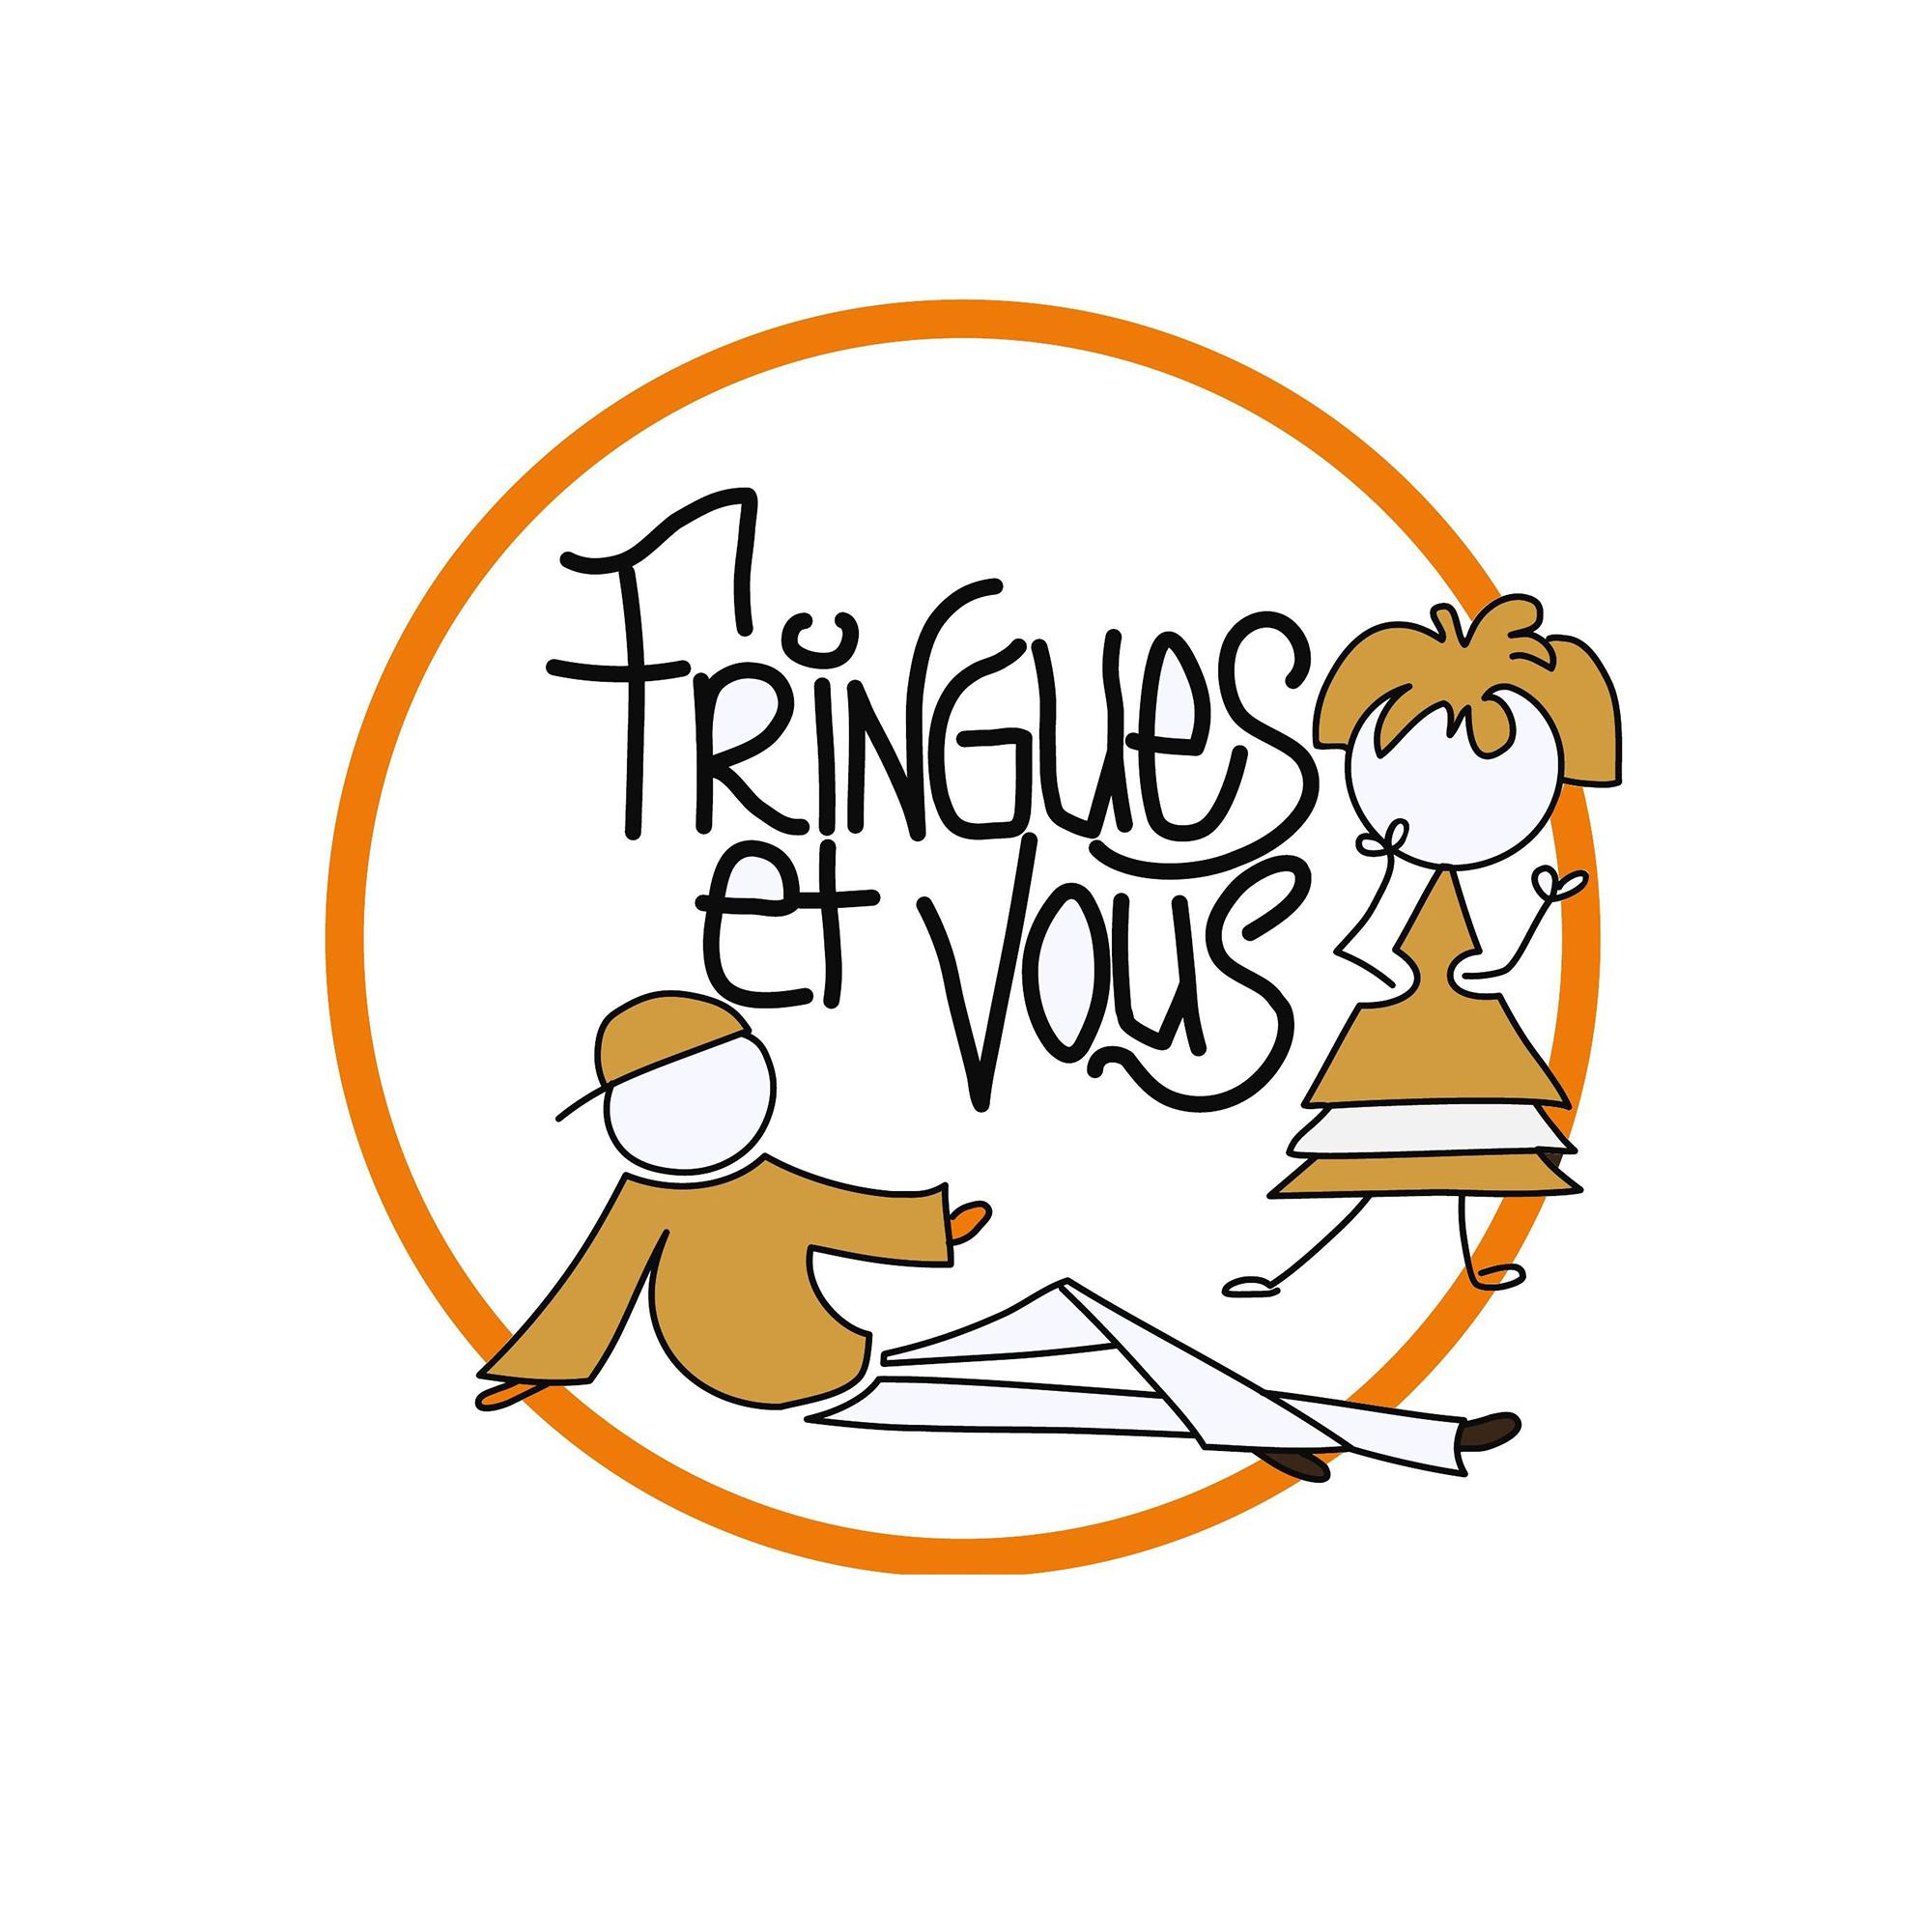 Fringues Et Vous